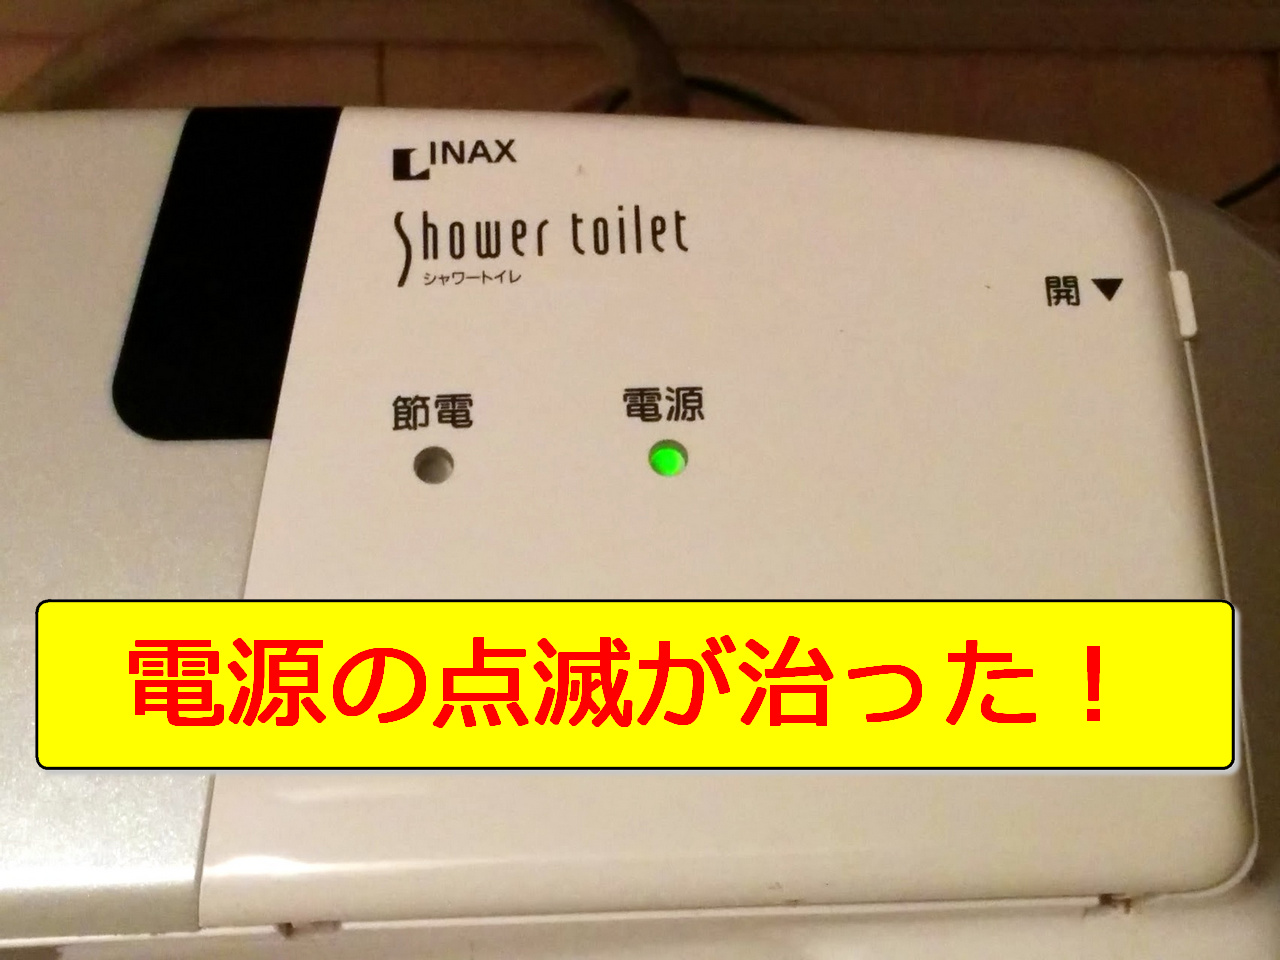 電源 Inax 点滅 トイレ